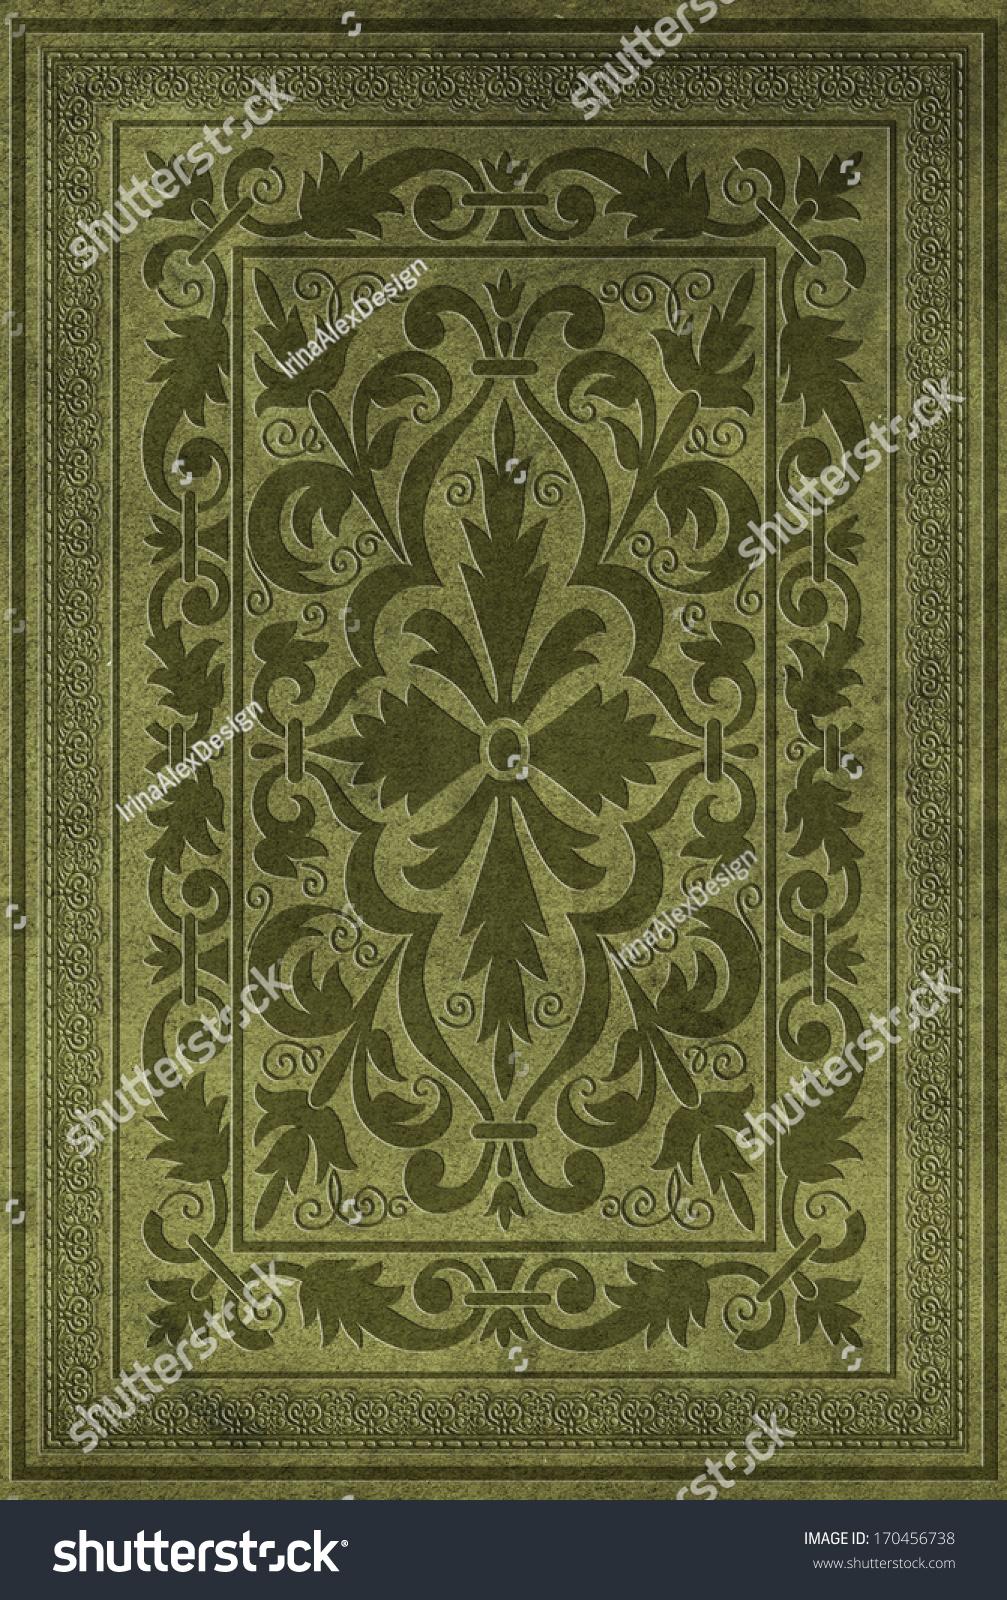 Decorative Book Cover Paper : Decorative book cover stock photo shutterstock